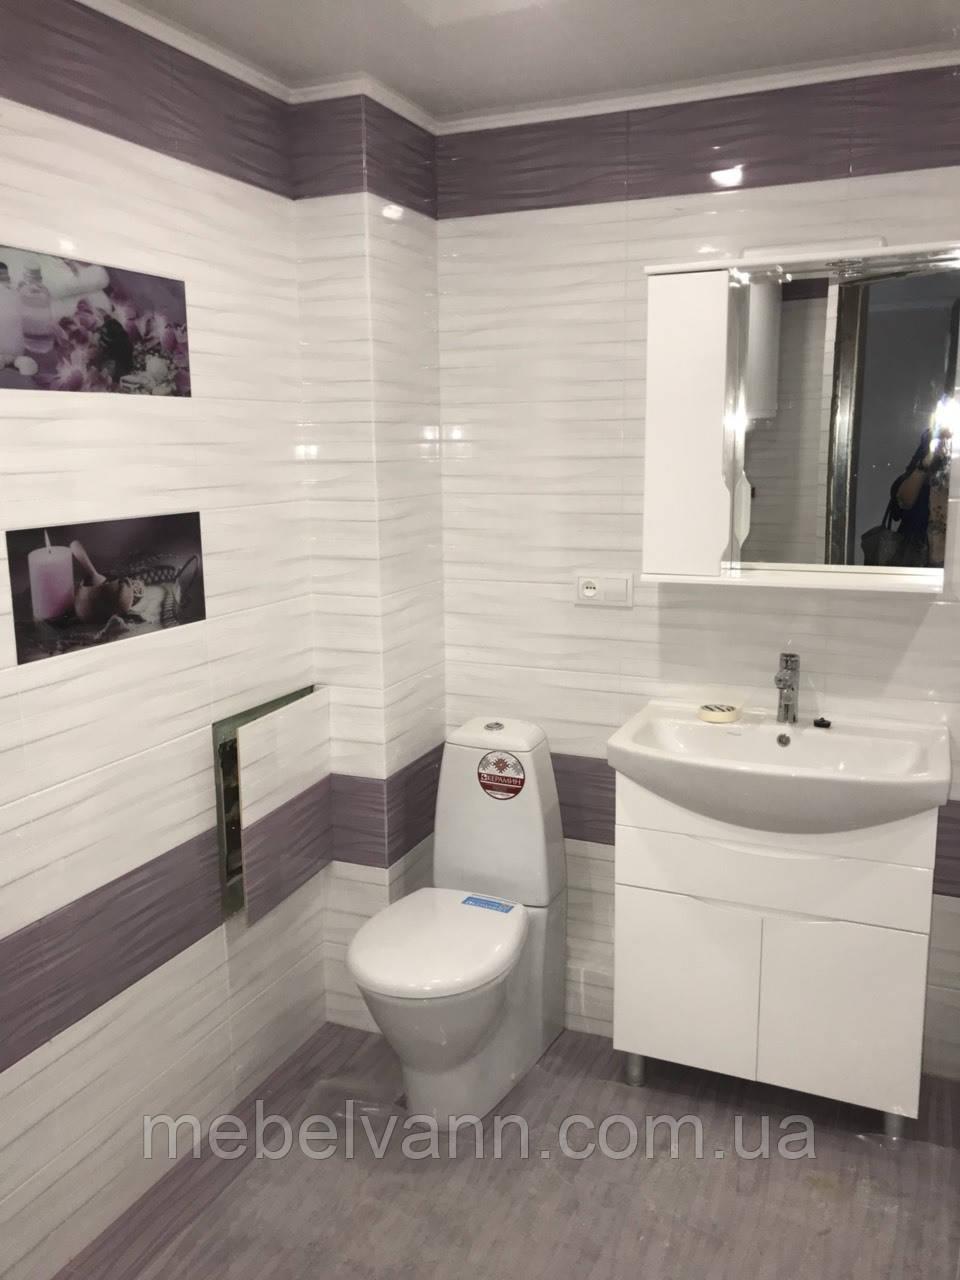 Кафель для ванной Батик  (Batik) 23*50 Intercerama